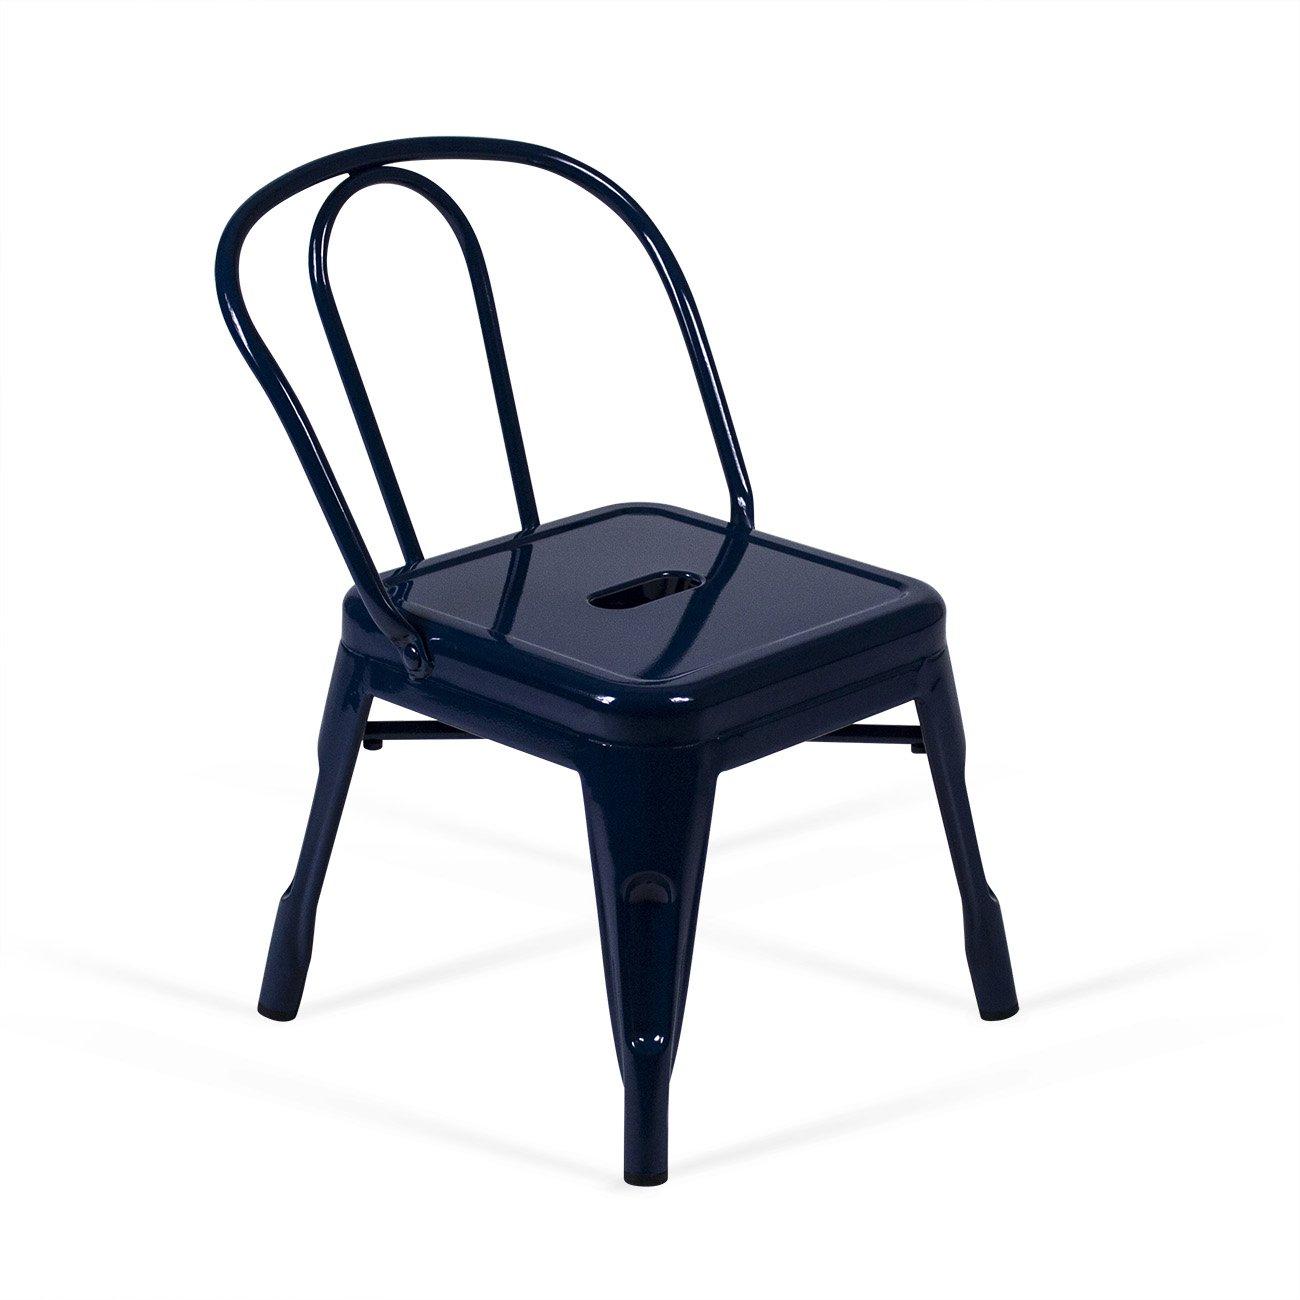 Aeon Furniture Clarise Children's Chair in Navy (Set of 2)